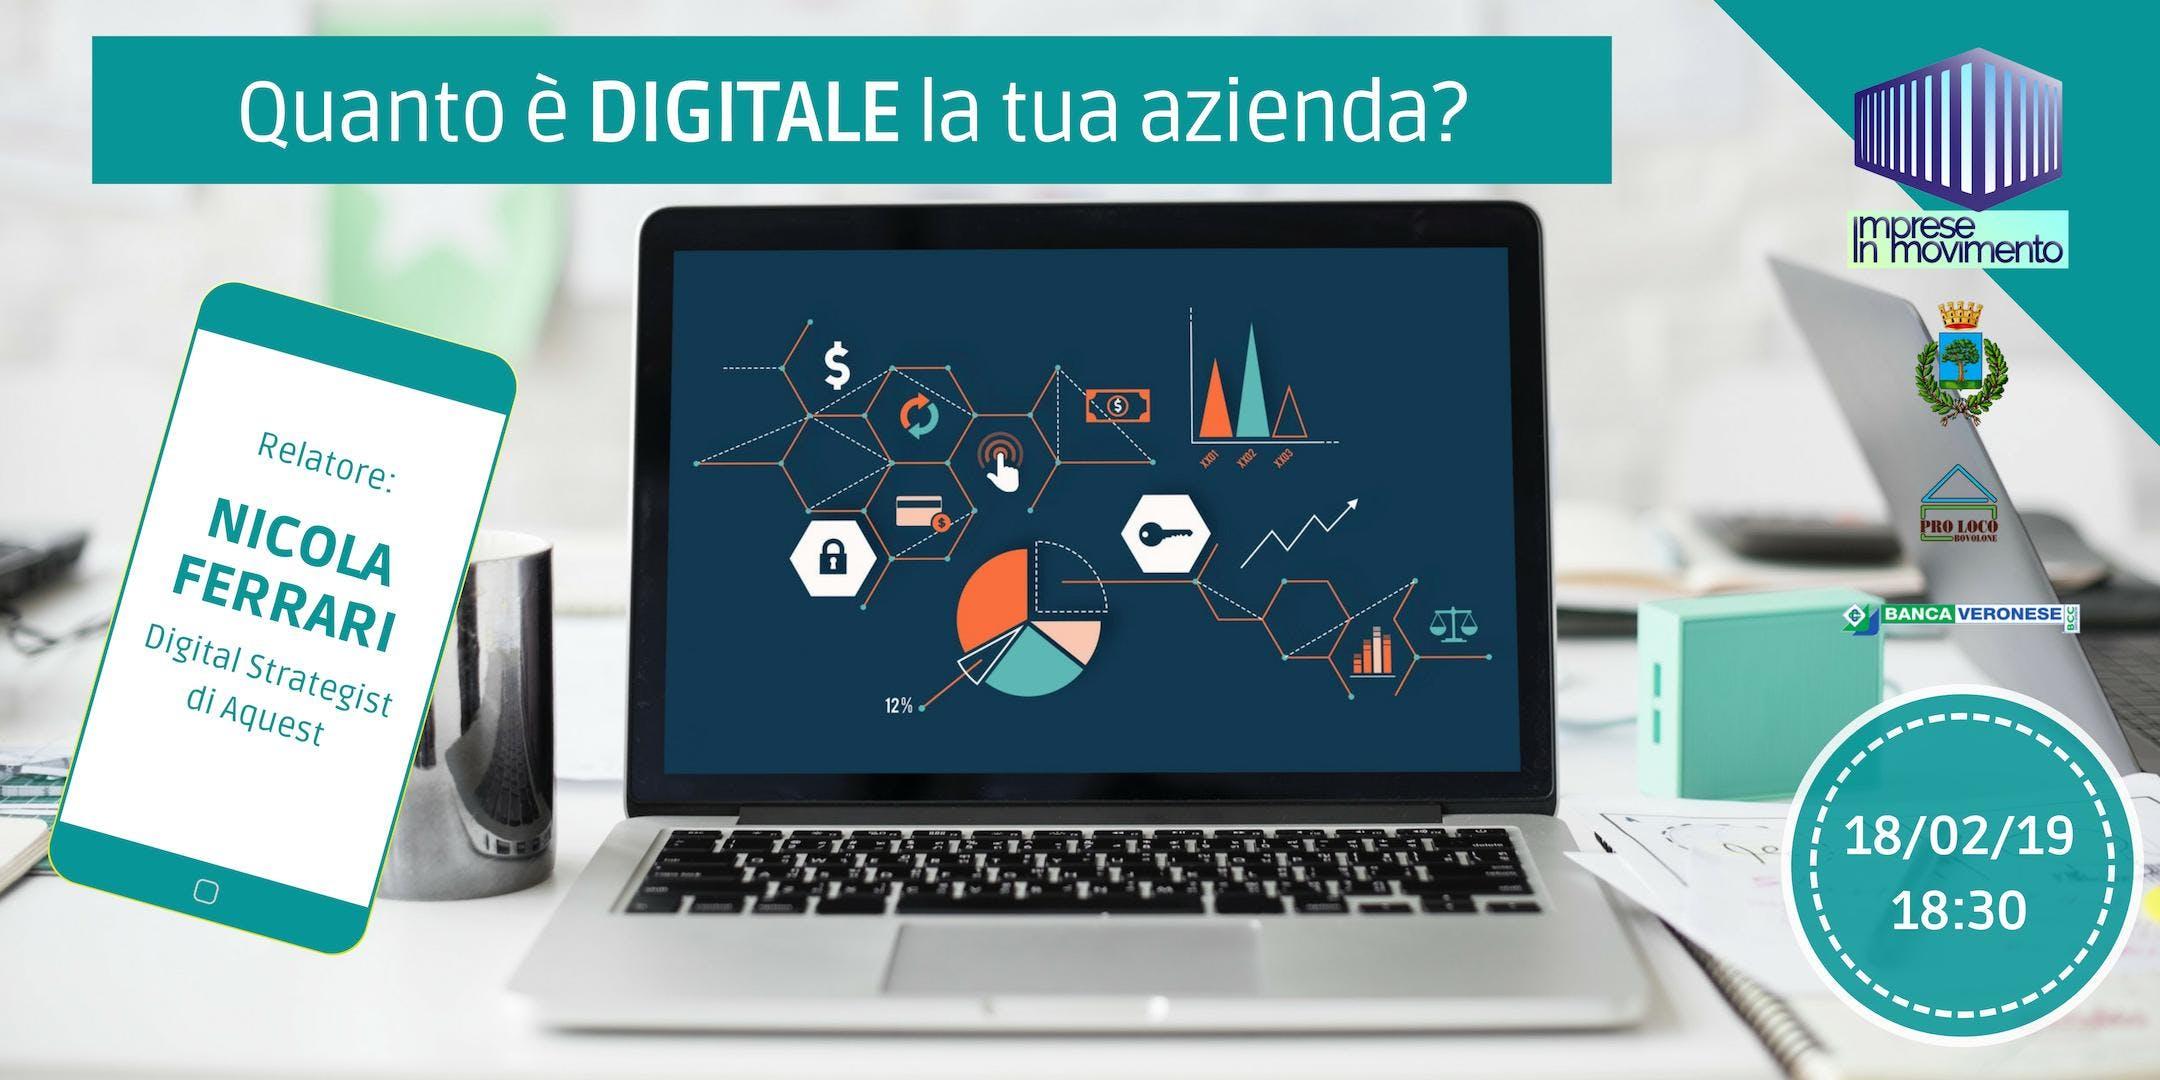 Quanto è digitale la tua azienda? - Le domand